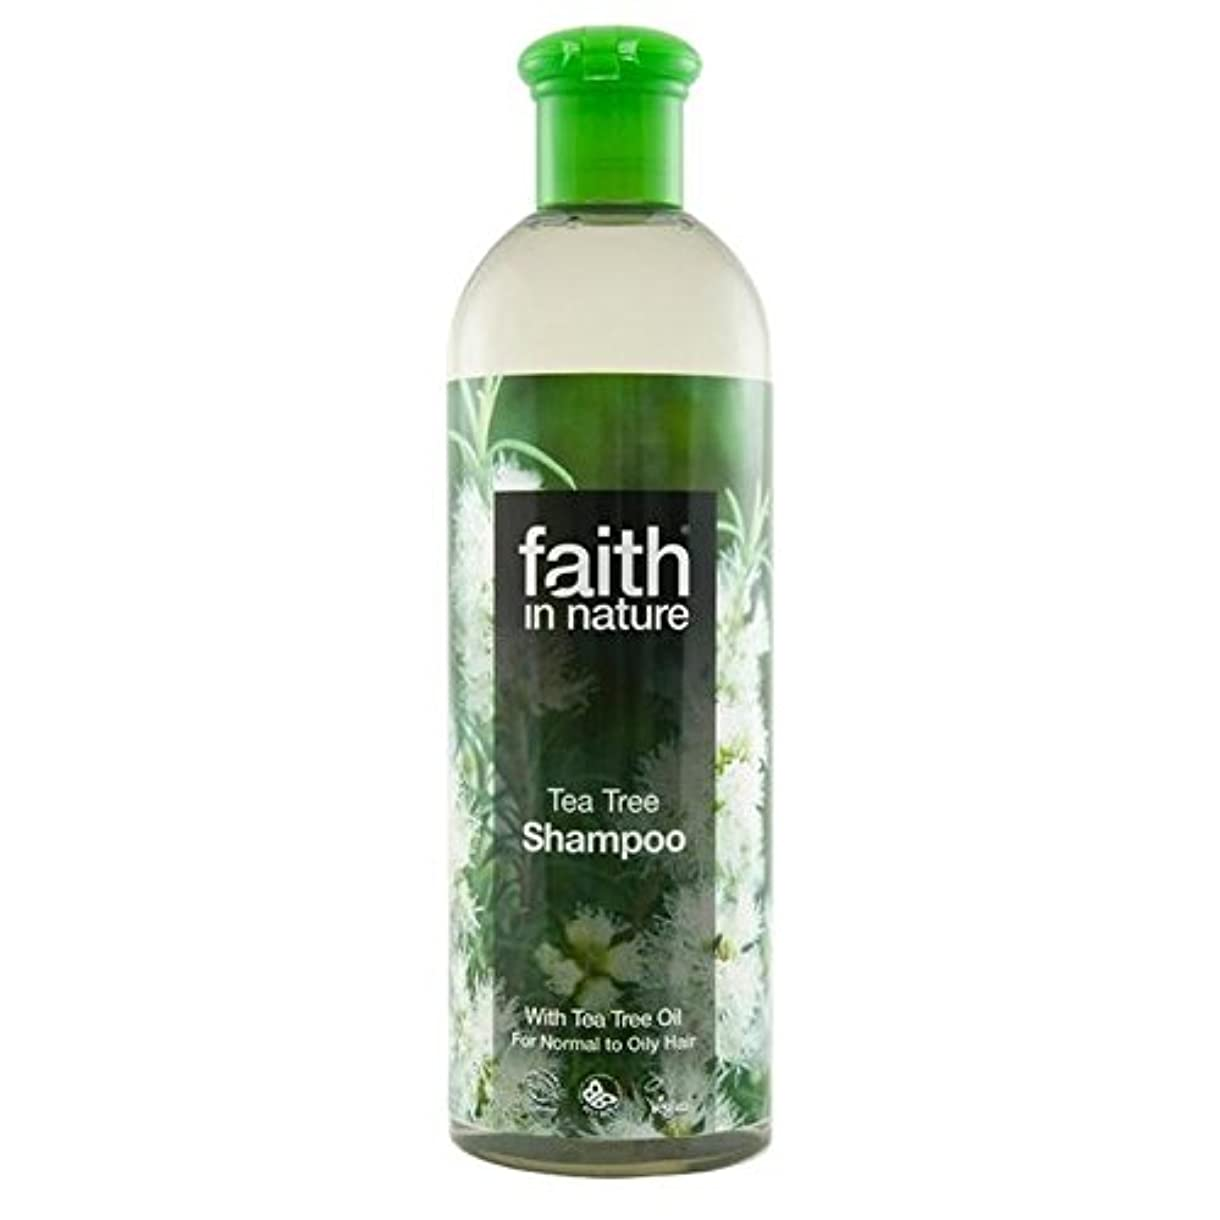 シンプルさ方法断言するFaith in Nature Tea Tree Shampoo 400ml (Pack of 6) - (Faith In Nature) 自然のティーツリーシャンプー400ミリリットルの信仰 (x6) [並行輸入品]